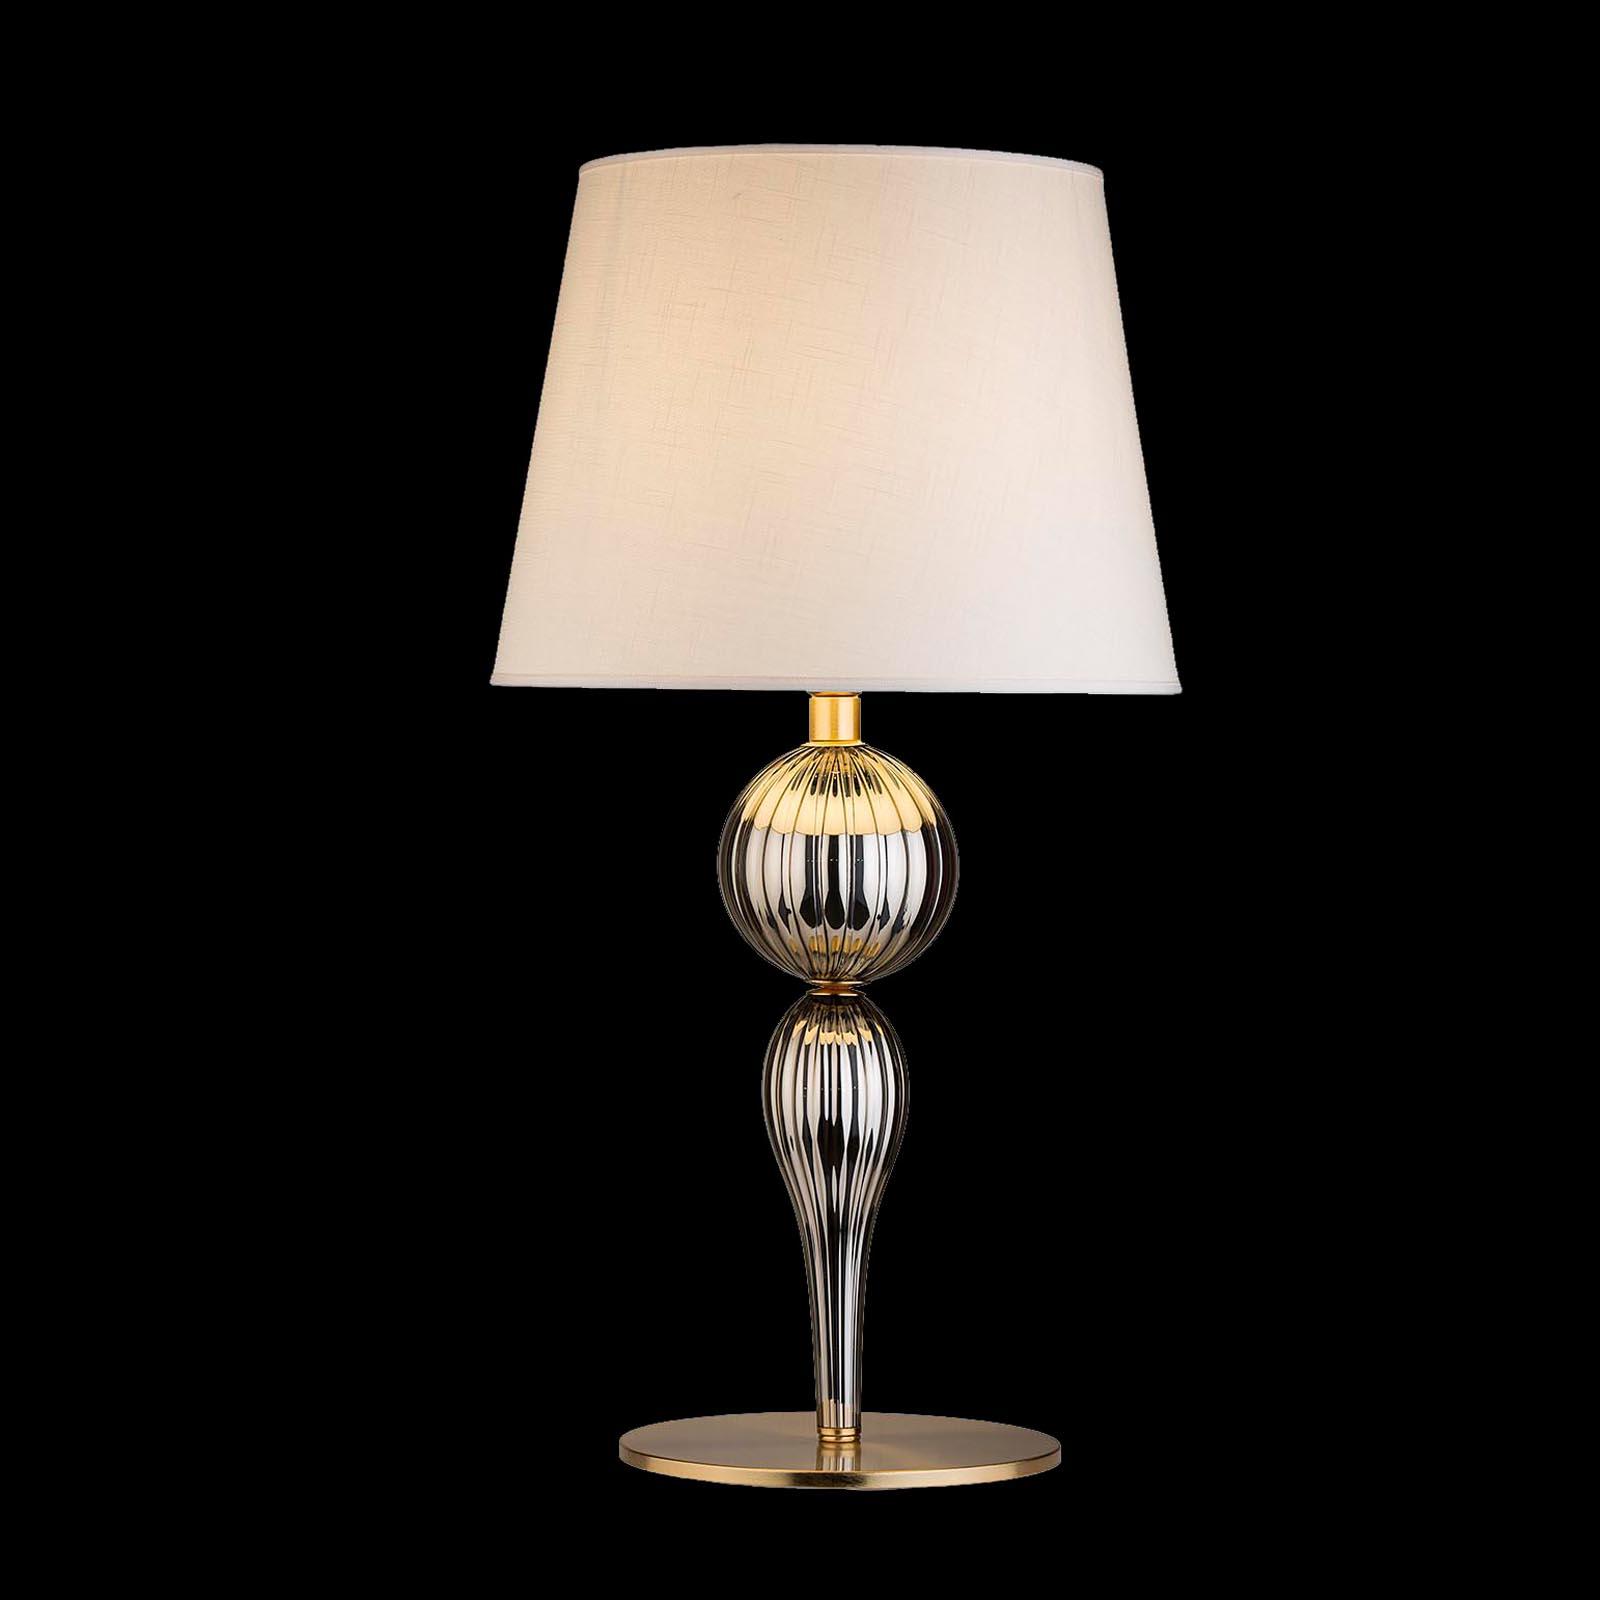 Royal lucevetro - Lampade moderne da tavolo ...